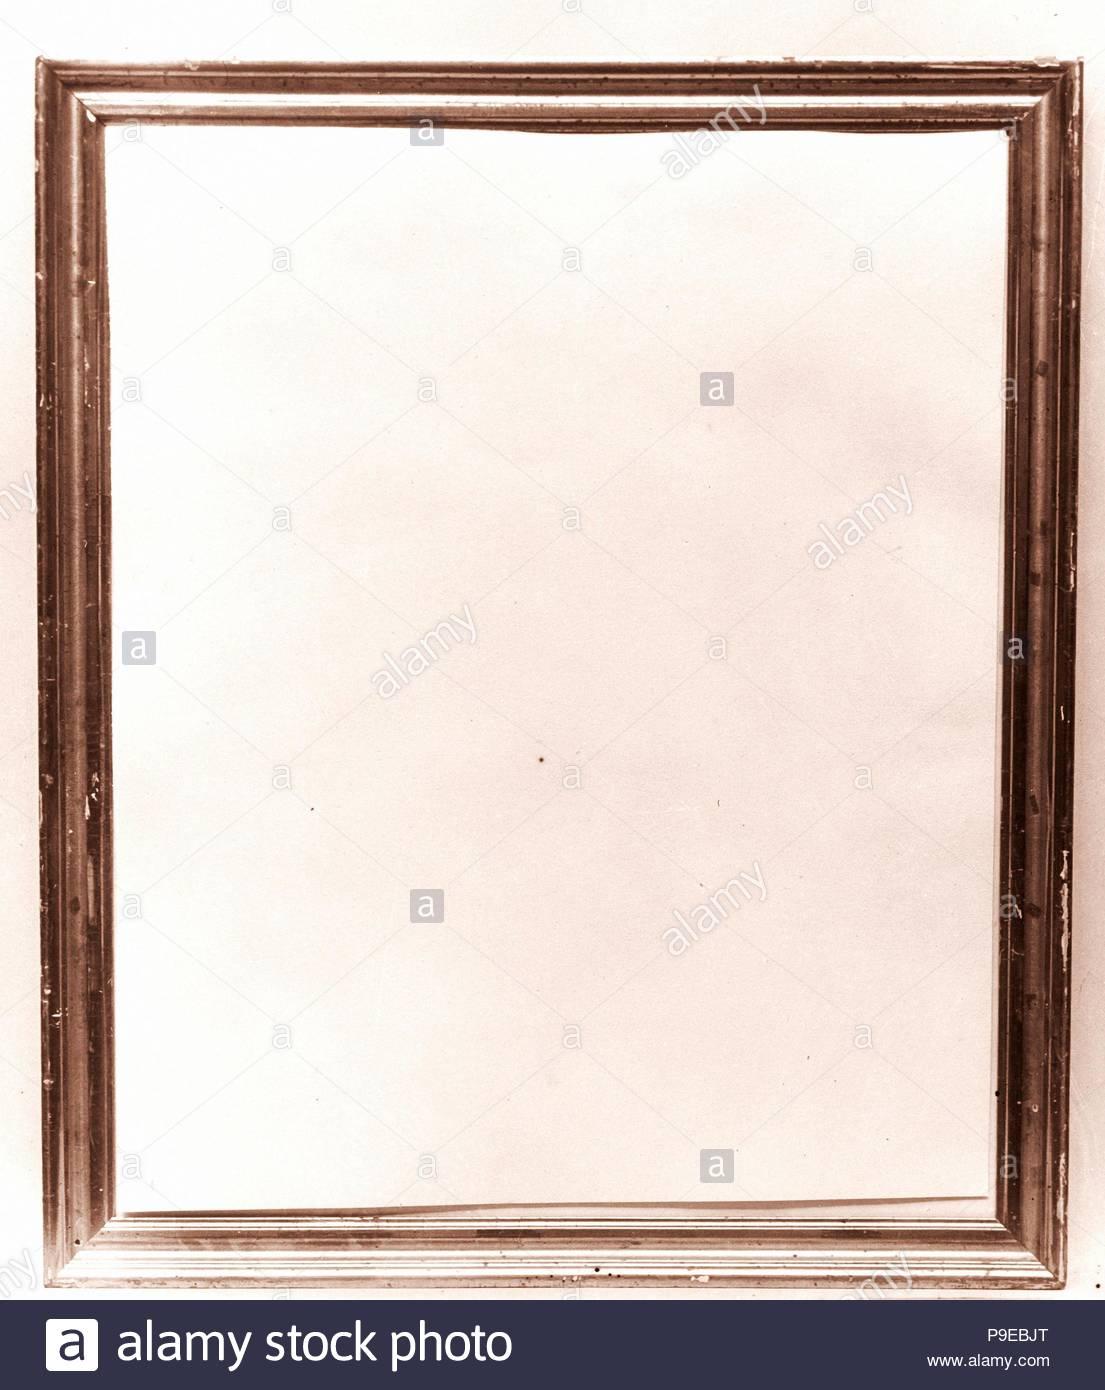 Berühmt 24 X 16 Rahmen Bilder - Benutzerdefinierte Bilderrahmen ...